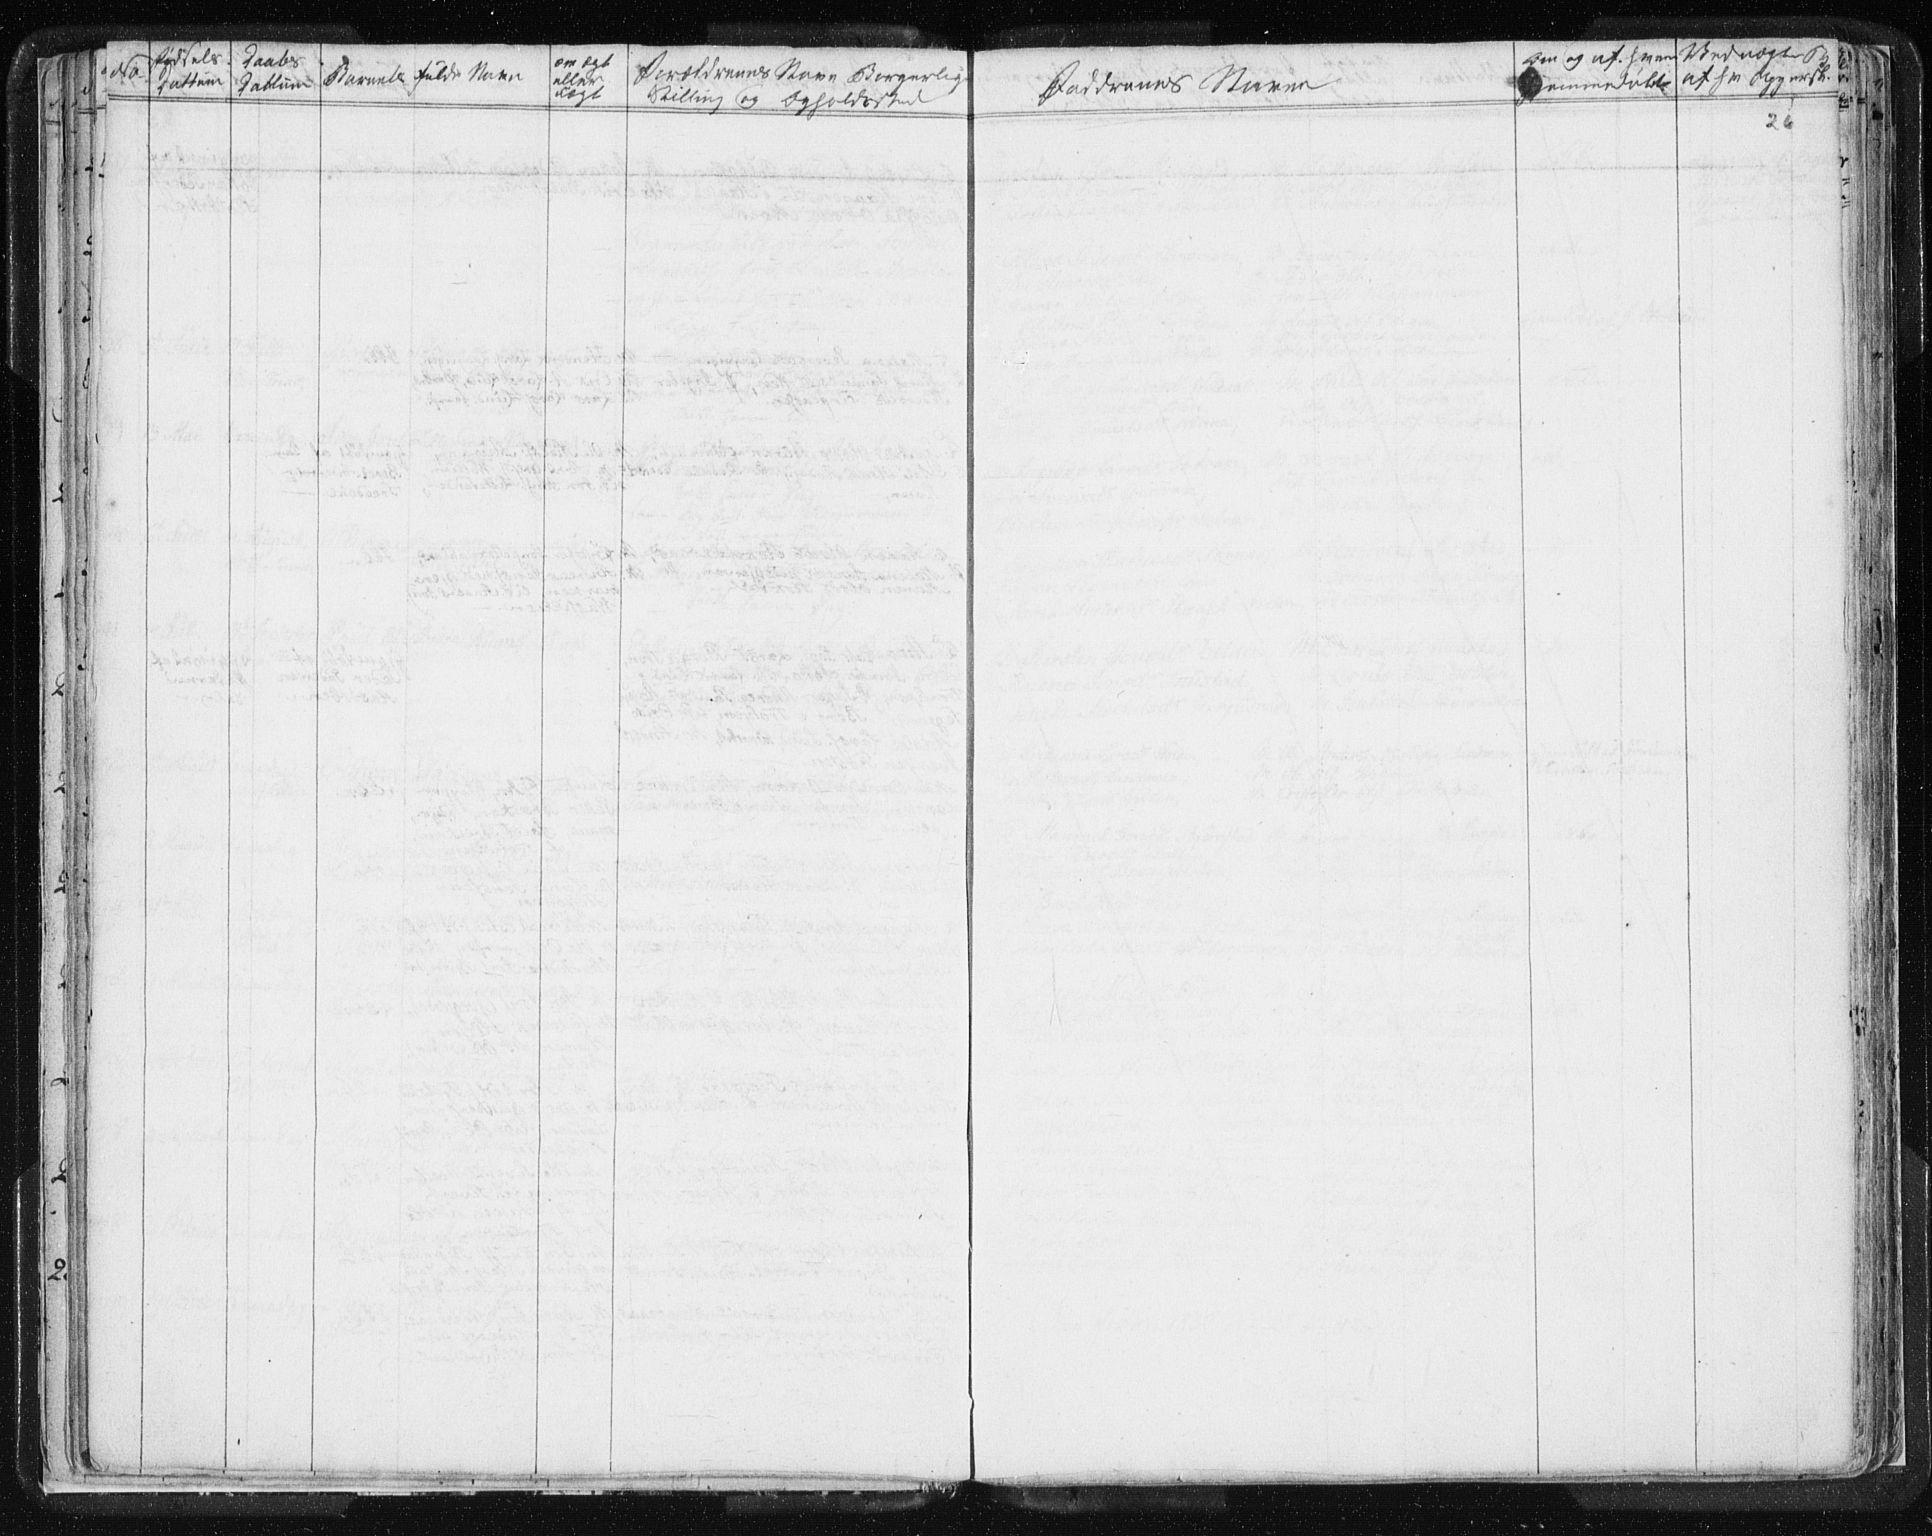 SAT, Ministerialprotokoller, klokkerbøker og fødselsregistre - Sør-Trøndelag, 616/L0404: Ministerialbok nr. 616A01, 1823-1831, s. 26